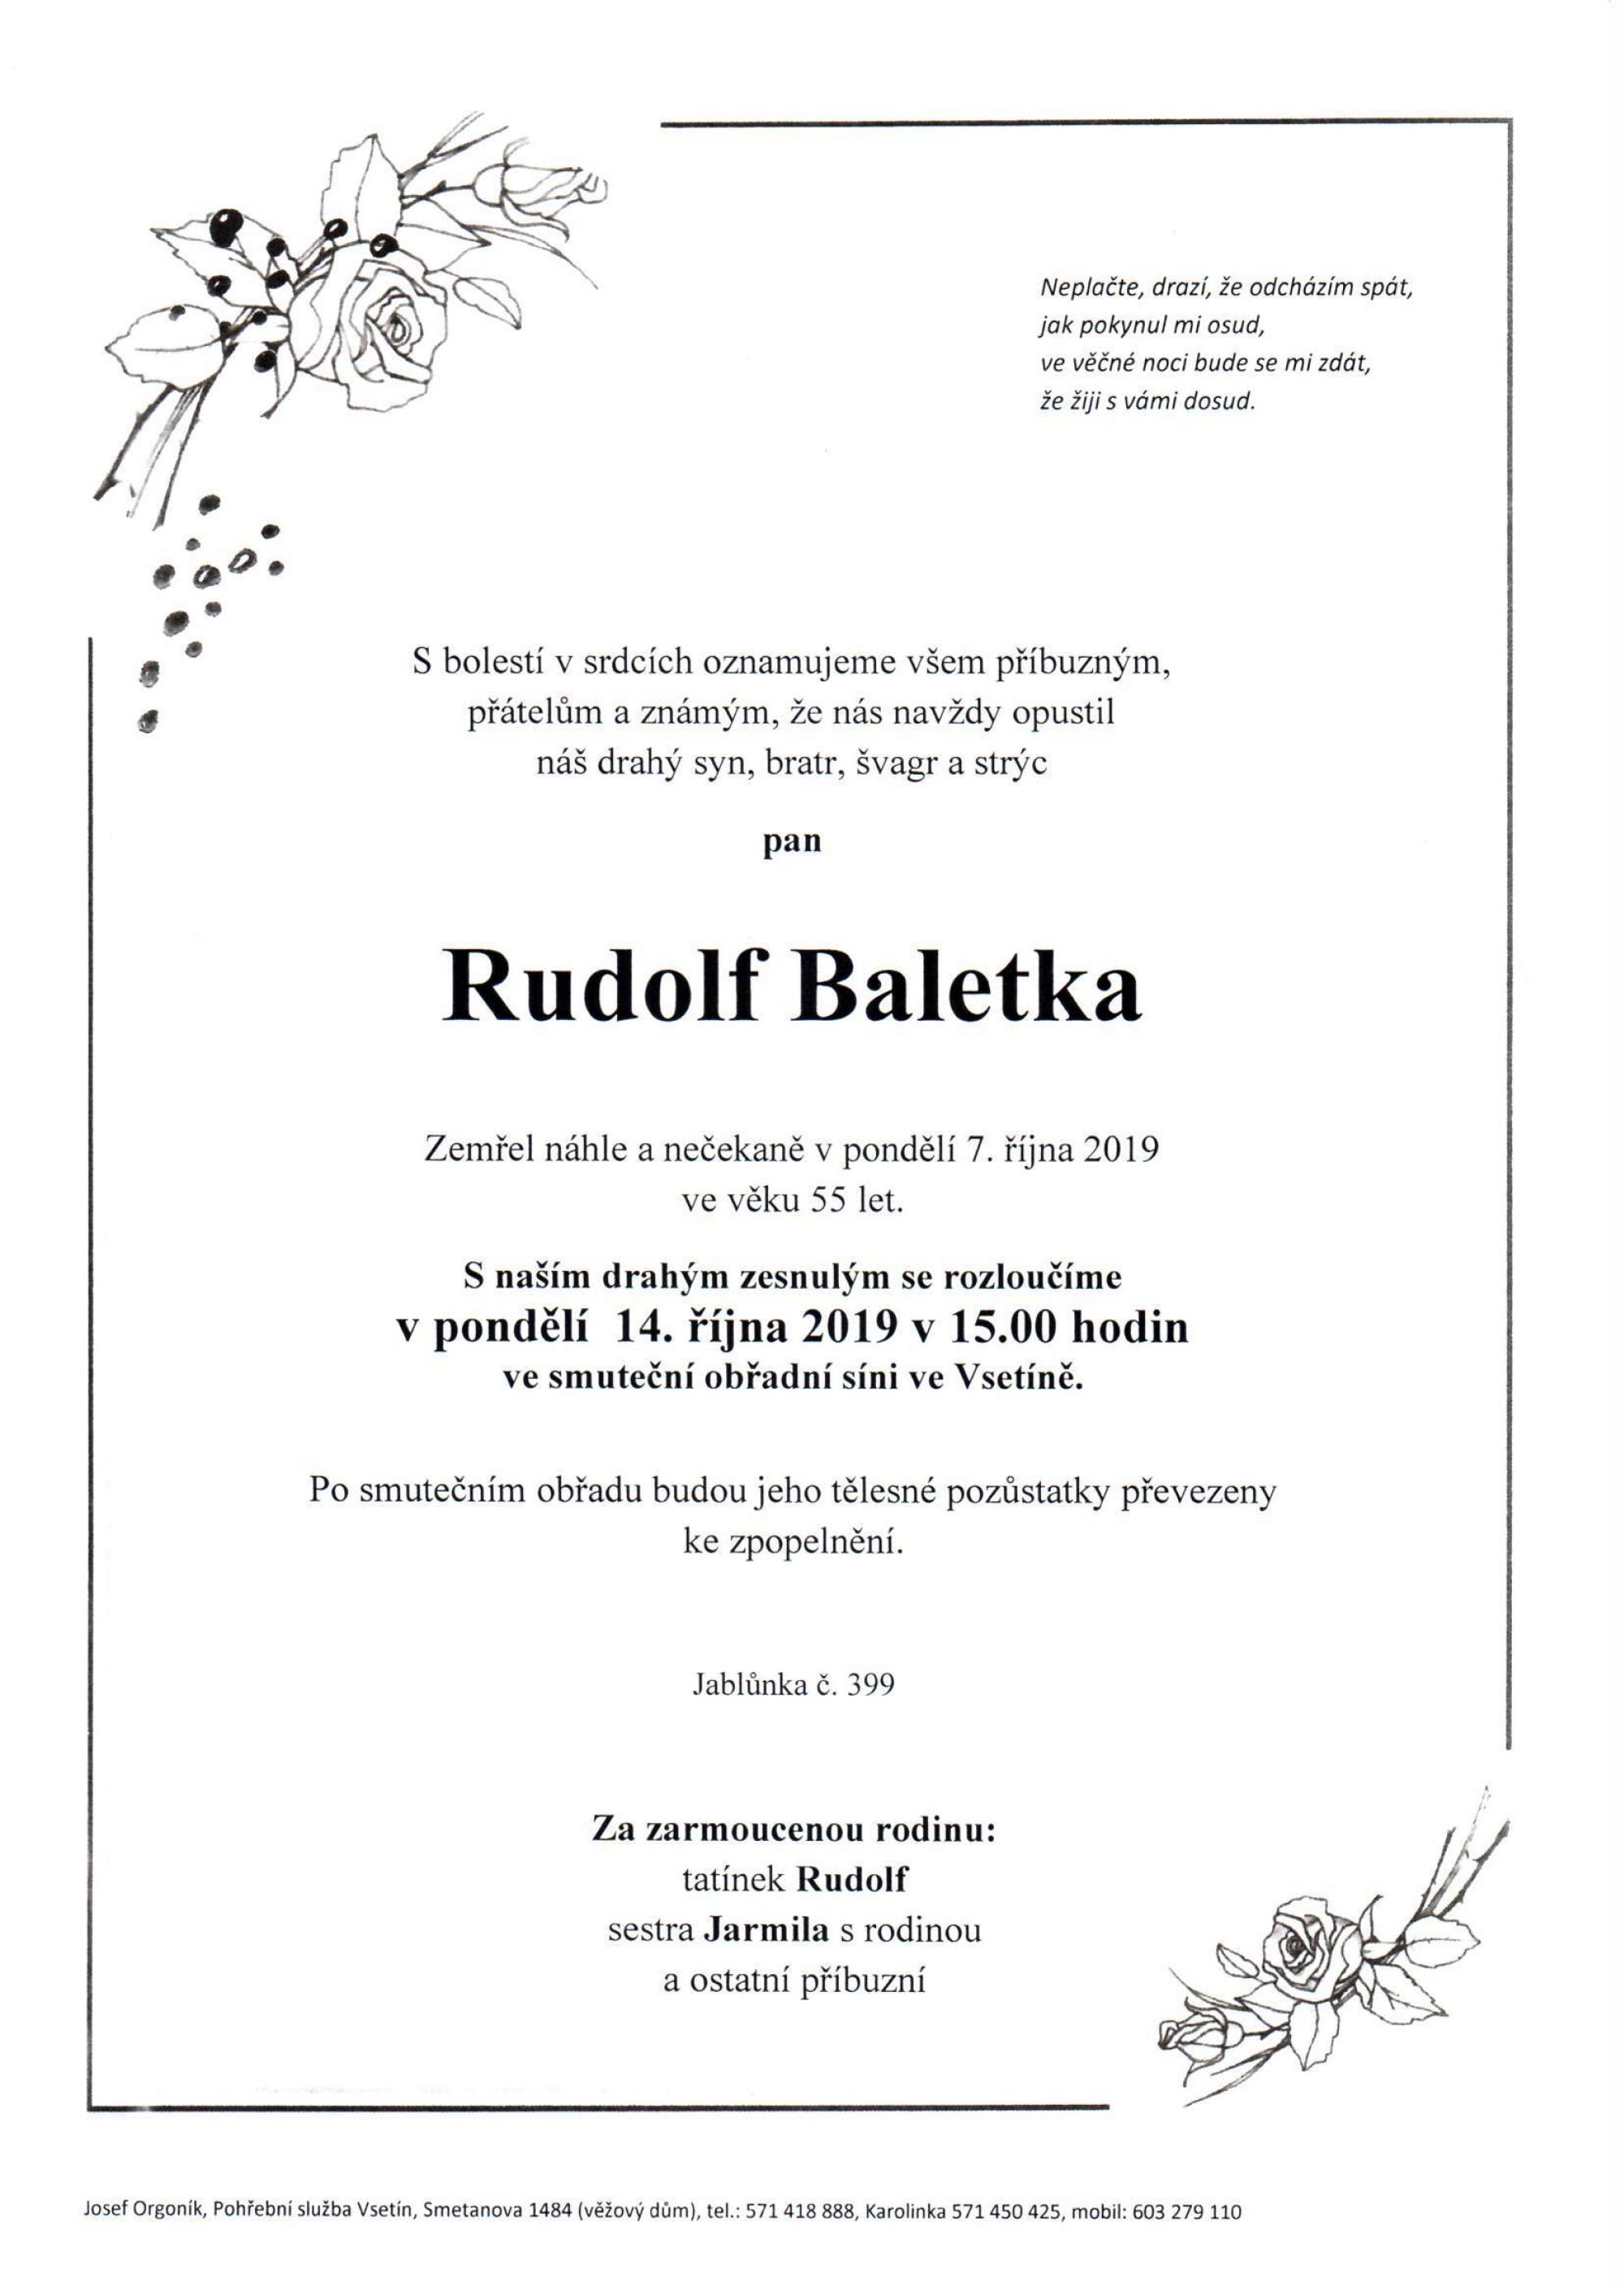 Rudolf Baletka